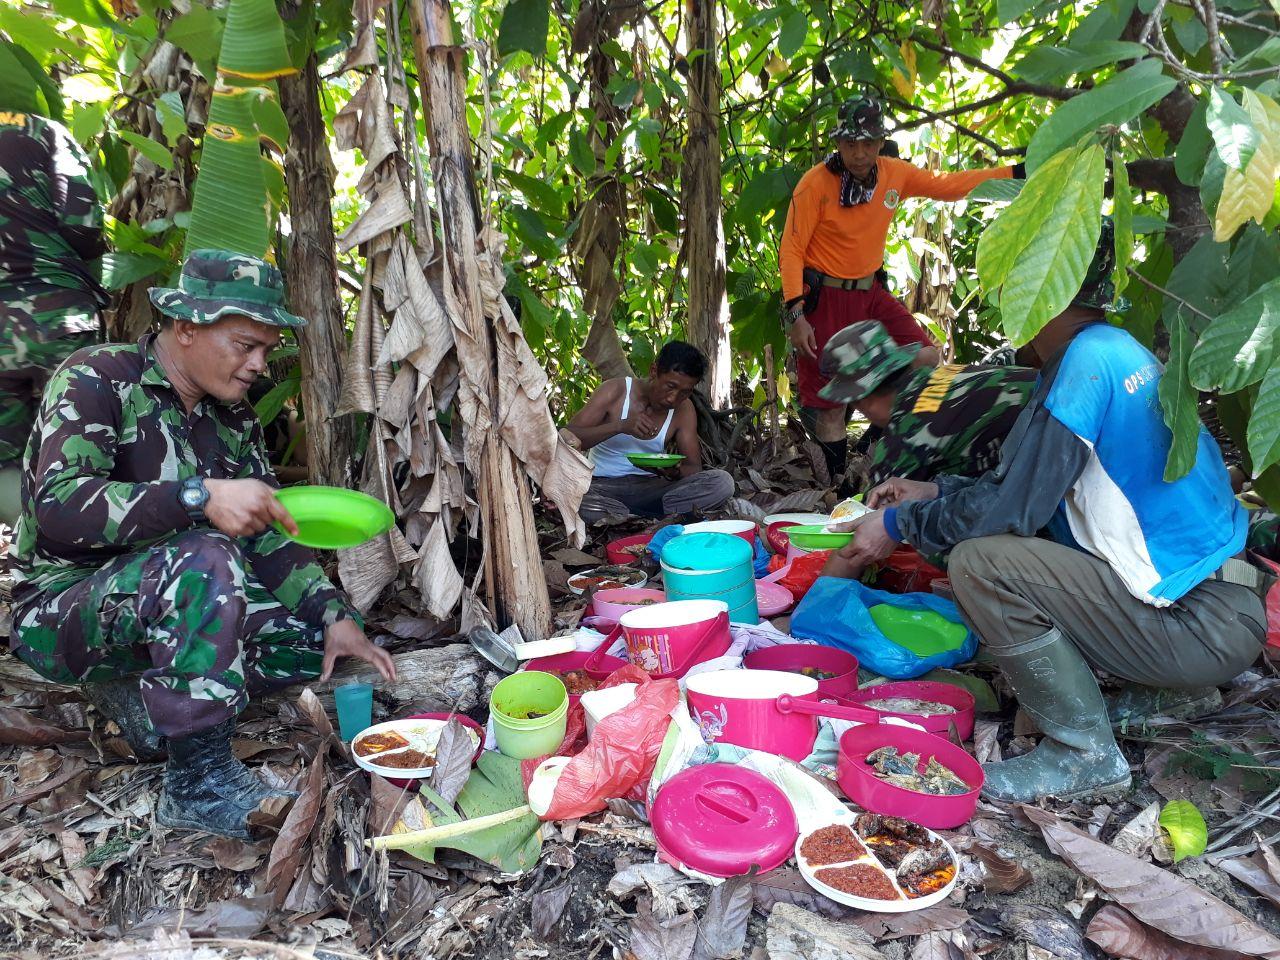 Terharu, Dandim 1407/Bone Mengapresiasi Kebersamaan dan Sinergitas Satgas Pra TMMD dengan Masyarakat